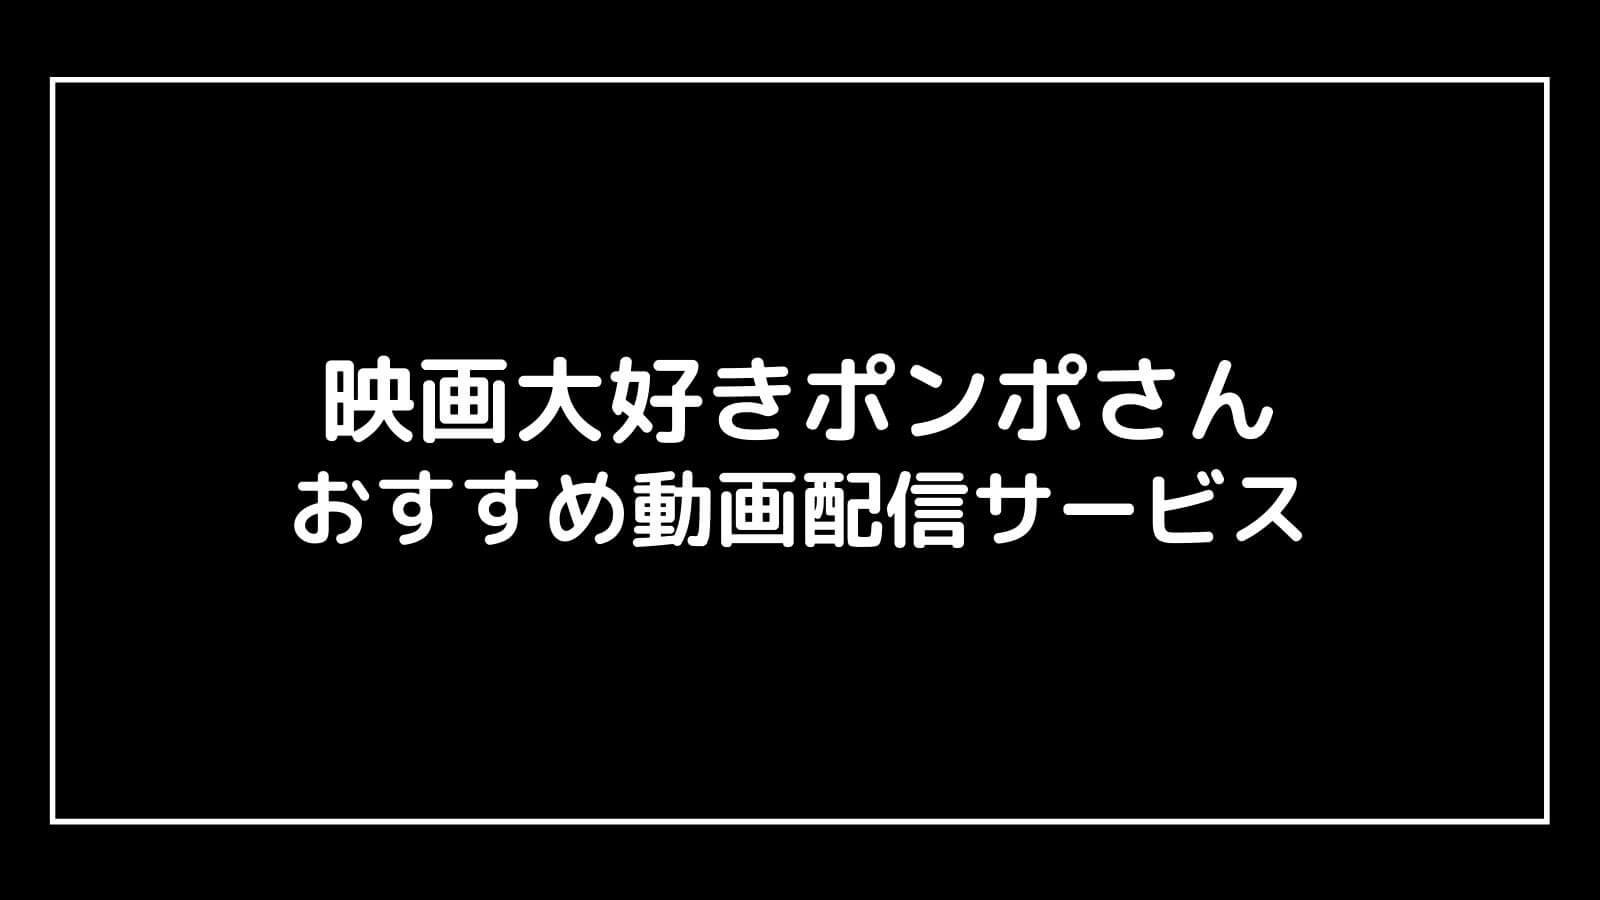 映画『映画大好きポンポさん』の配信を無料視聴できるおすすめ動画配信サイト